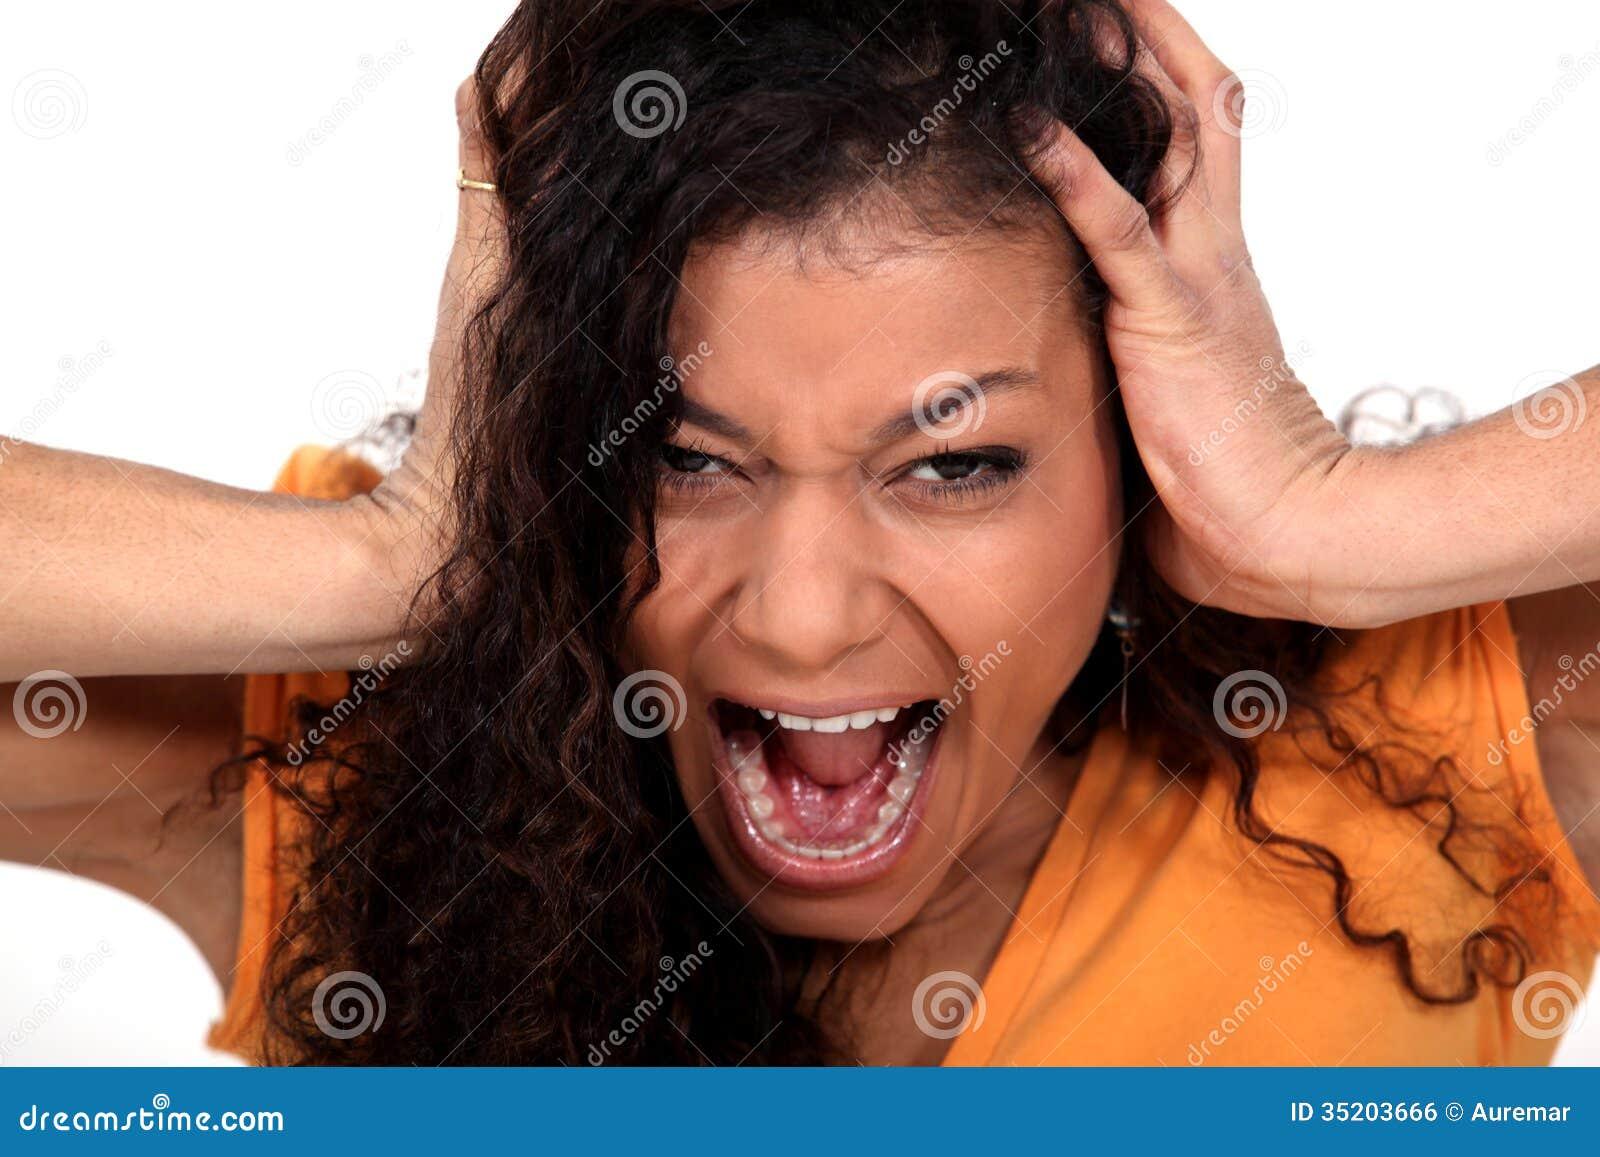 Молодая девушка громко кричит от анального секса